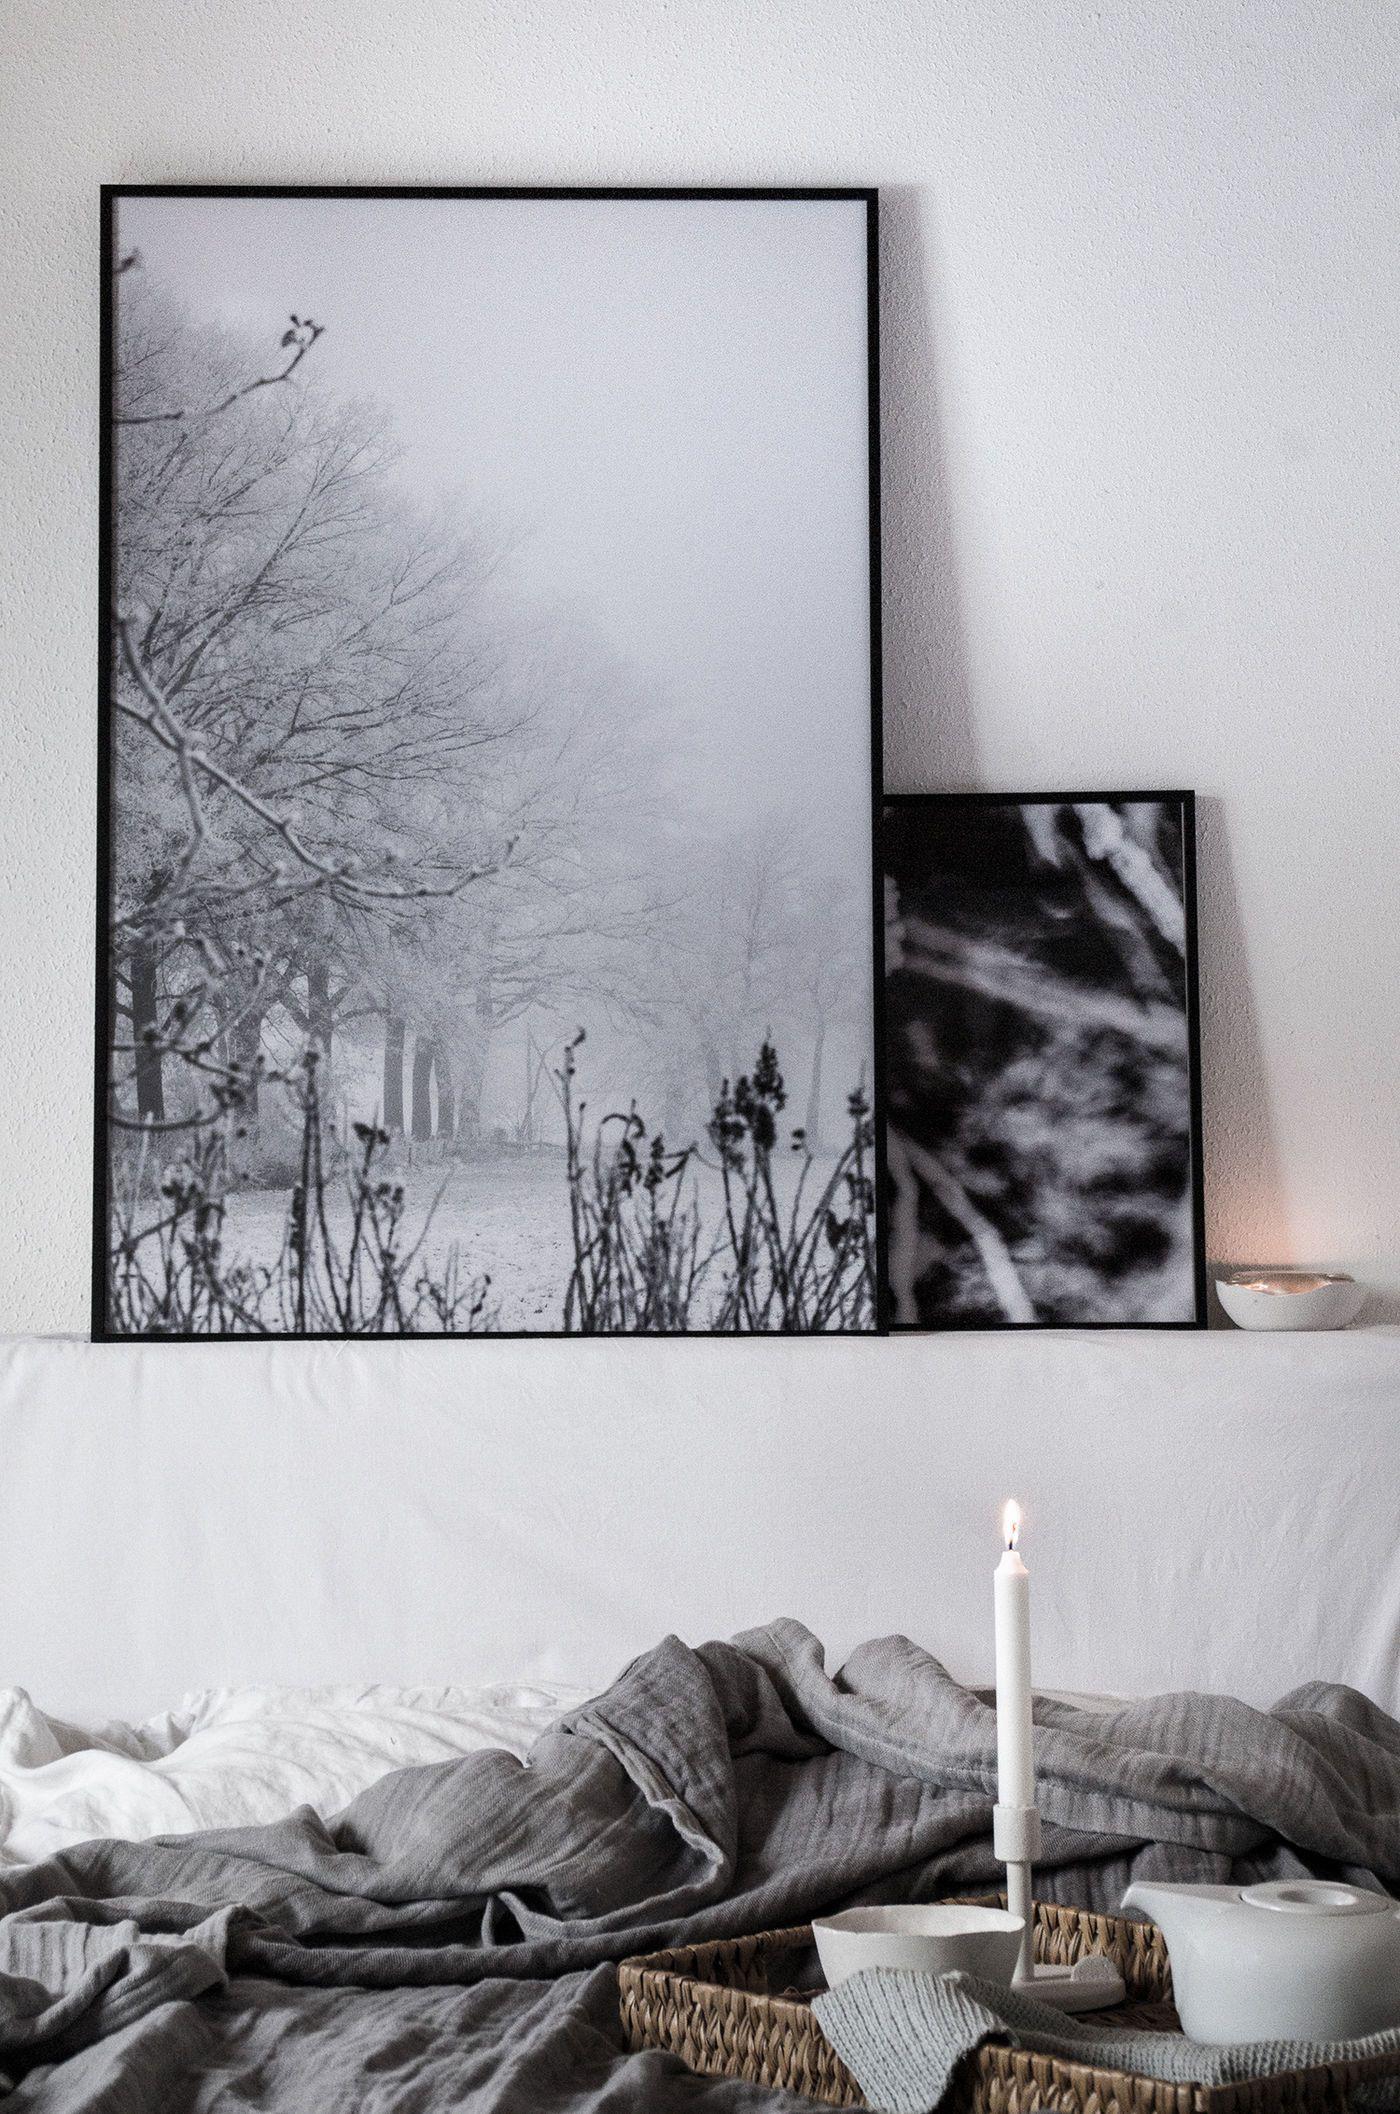 Full Size of Wandbilder Schlafzimmer Romantische Landhausstil Weiß Klimagerät Für Kommode Vorhänge Regal Schimmel Im Deckenlampe Wandleuchte Rauch Günstige Schlafzimmer Wandbilder Schlafzimmer